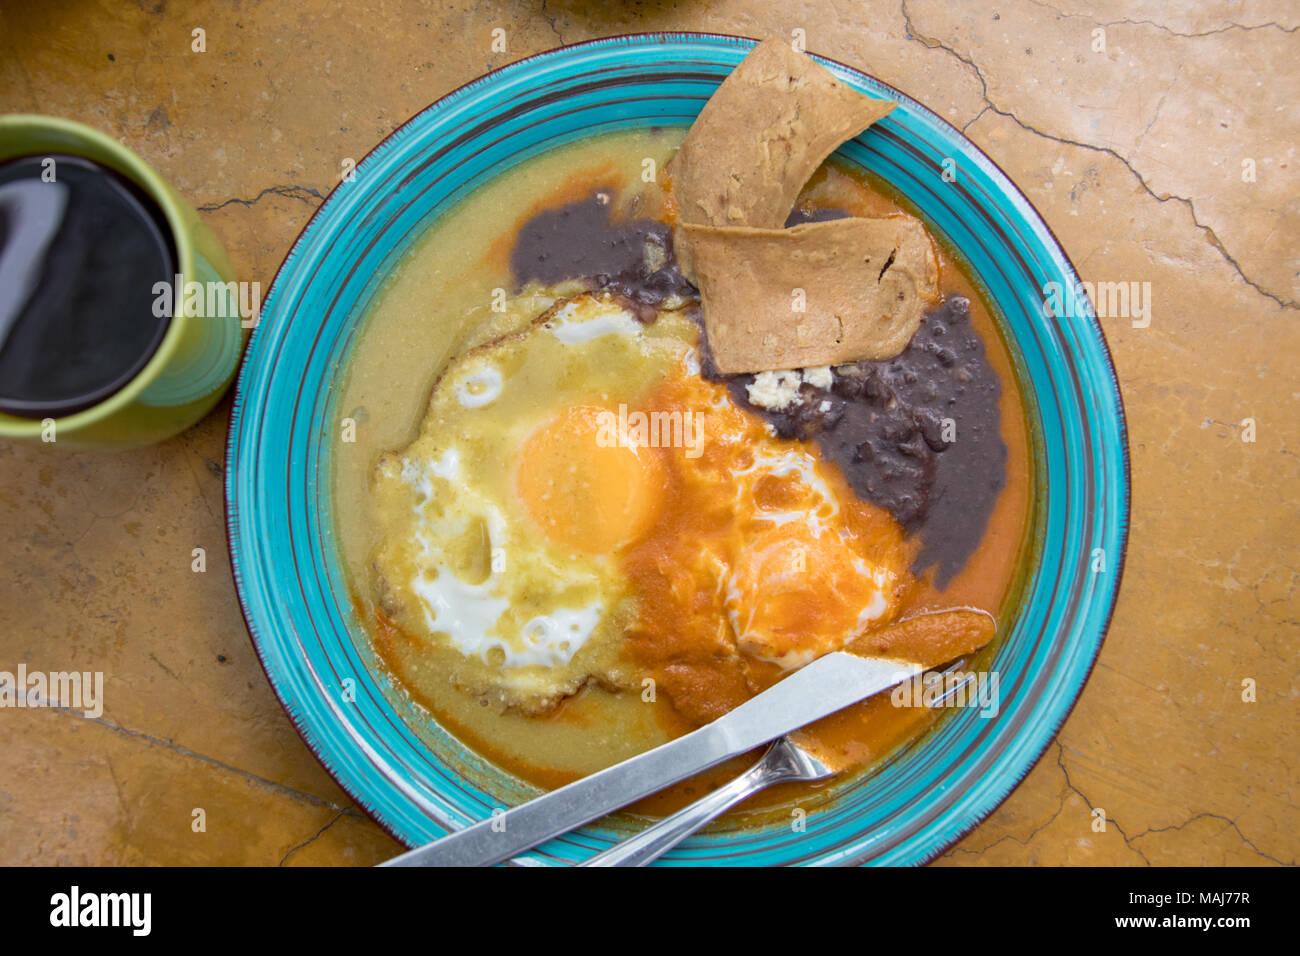 Huevos divorciados at Biznaga Arte Cafe, San Luis Potosi, Mexico - Stock Image